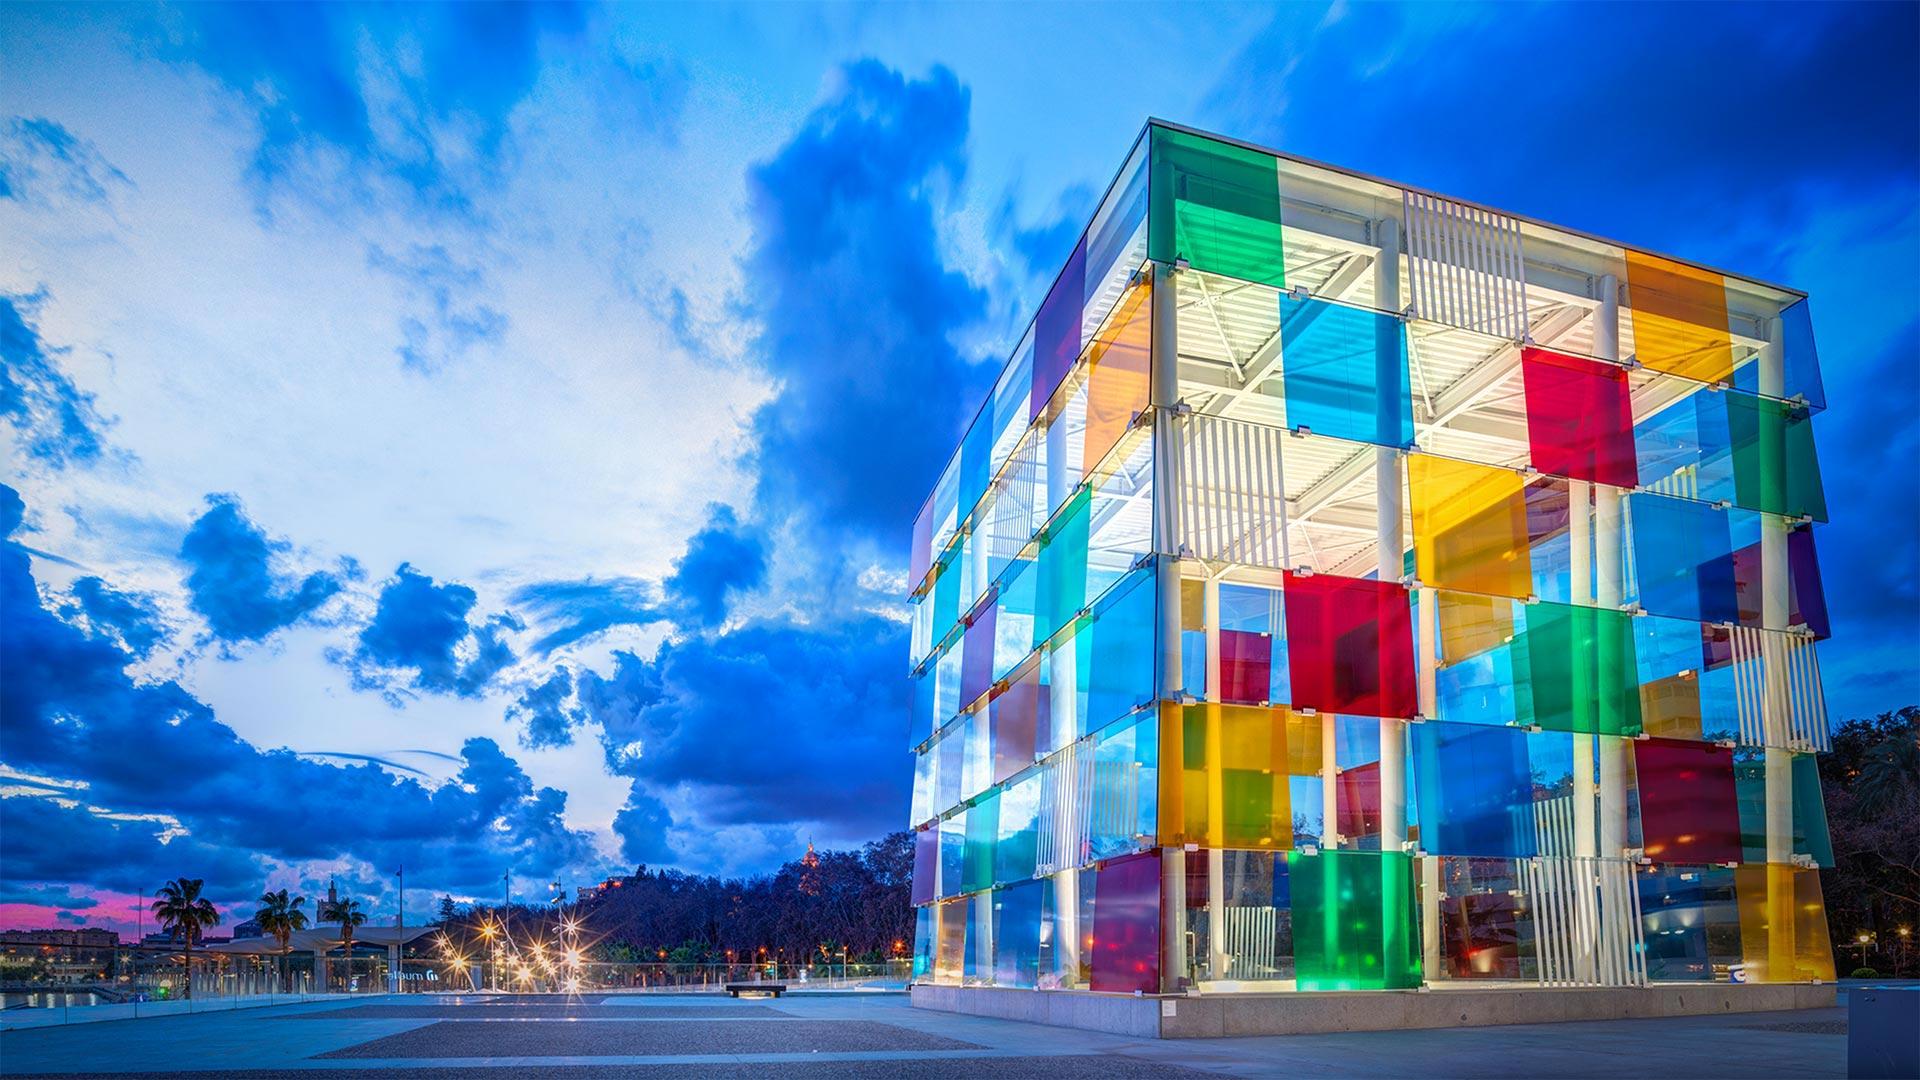 Pompidou Malaga